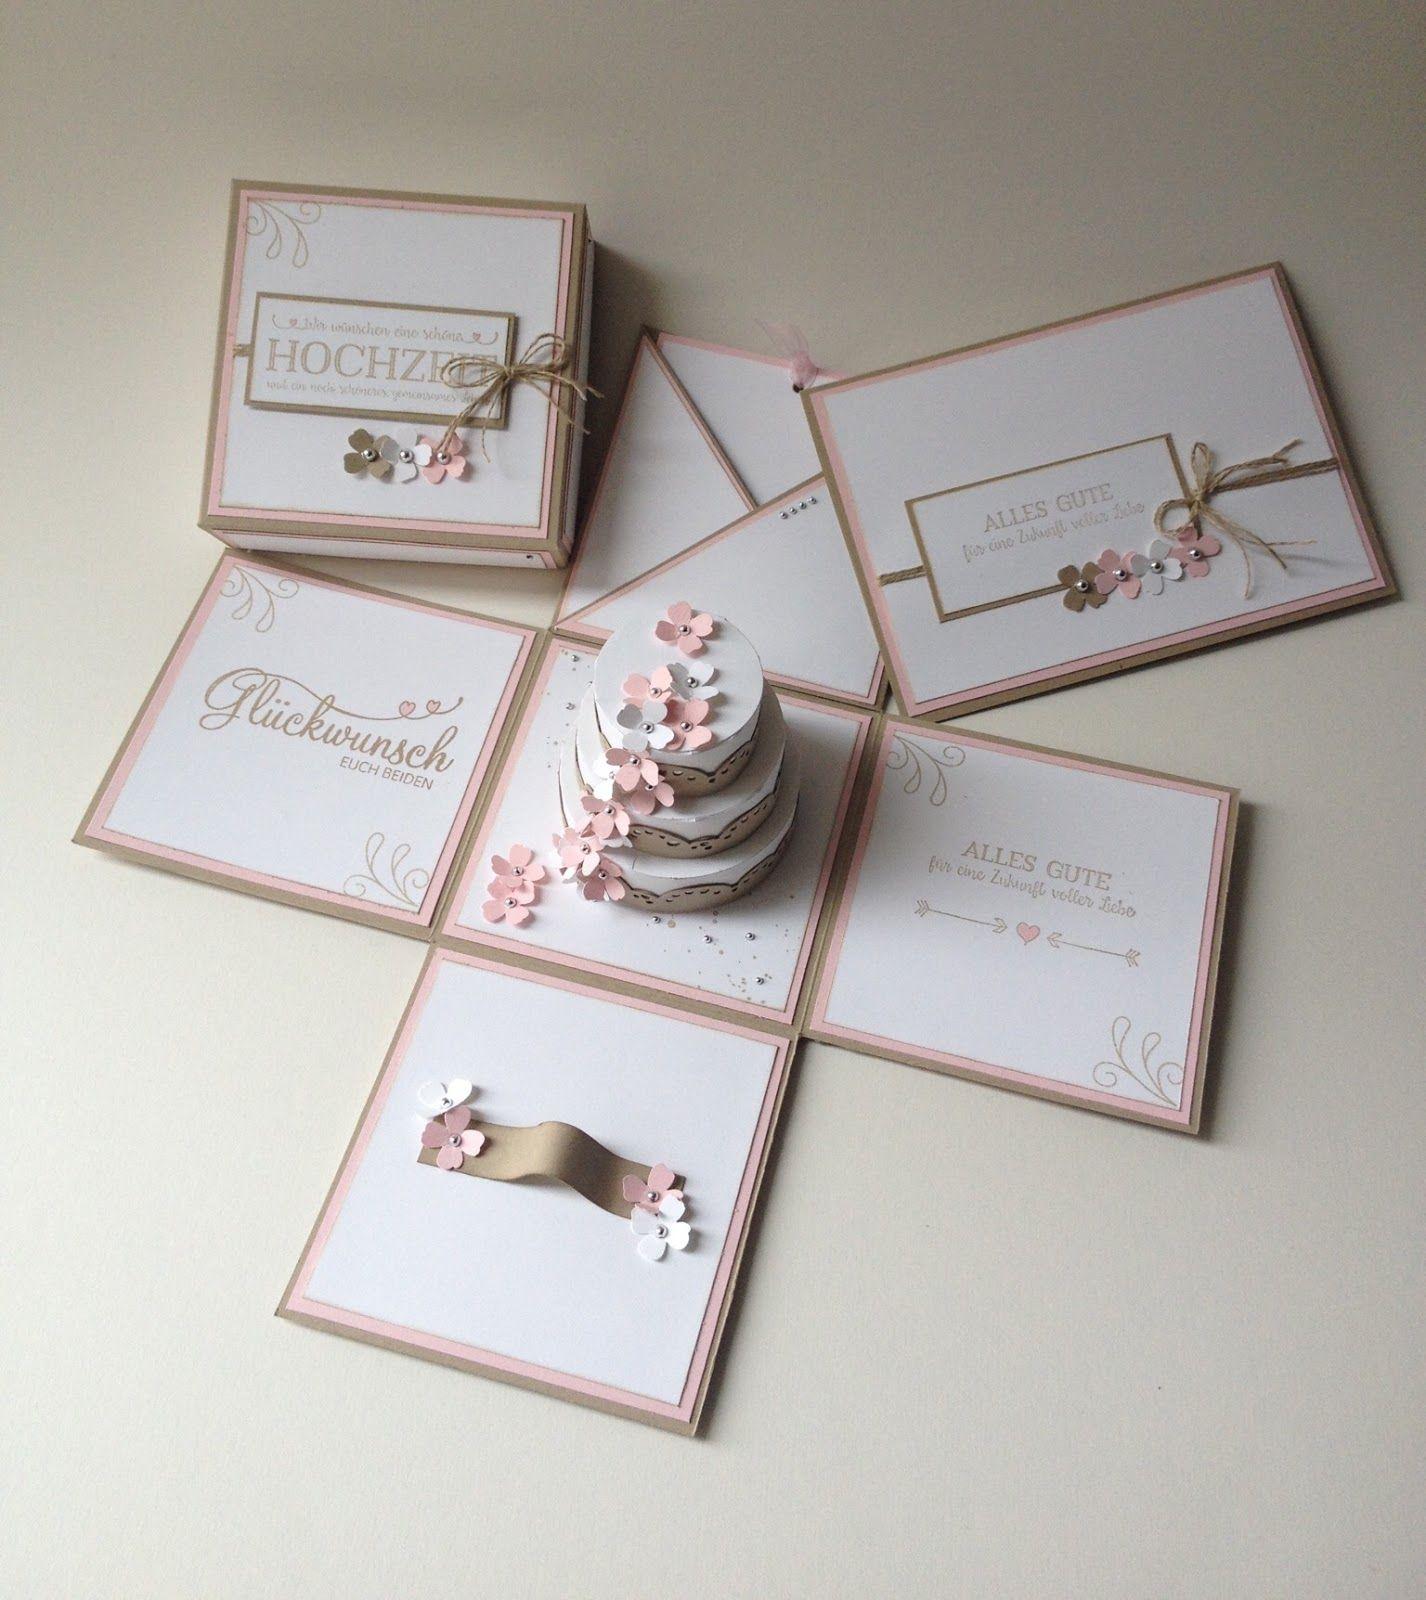 die besten 25 geschenkbox hochzeit ideen auf pinterest geschenkebox hochzeit hochzeit. Black Bedroom Furniture Sets. Home Design Ideas